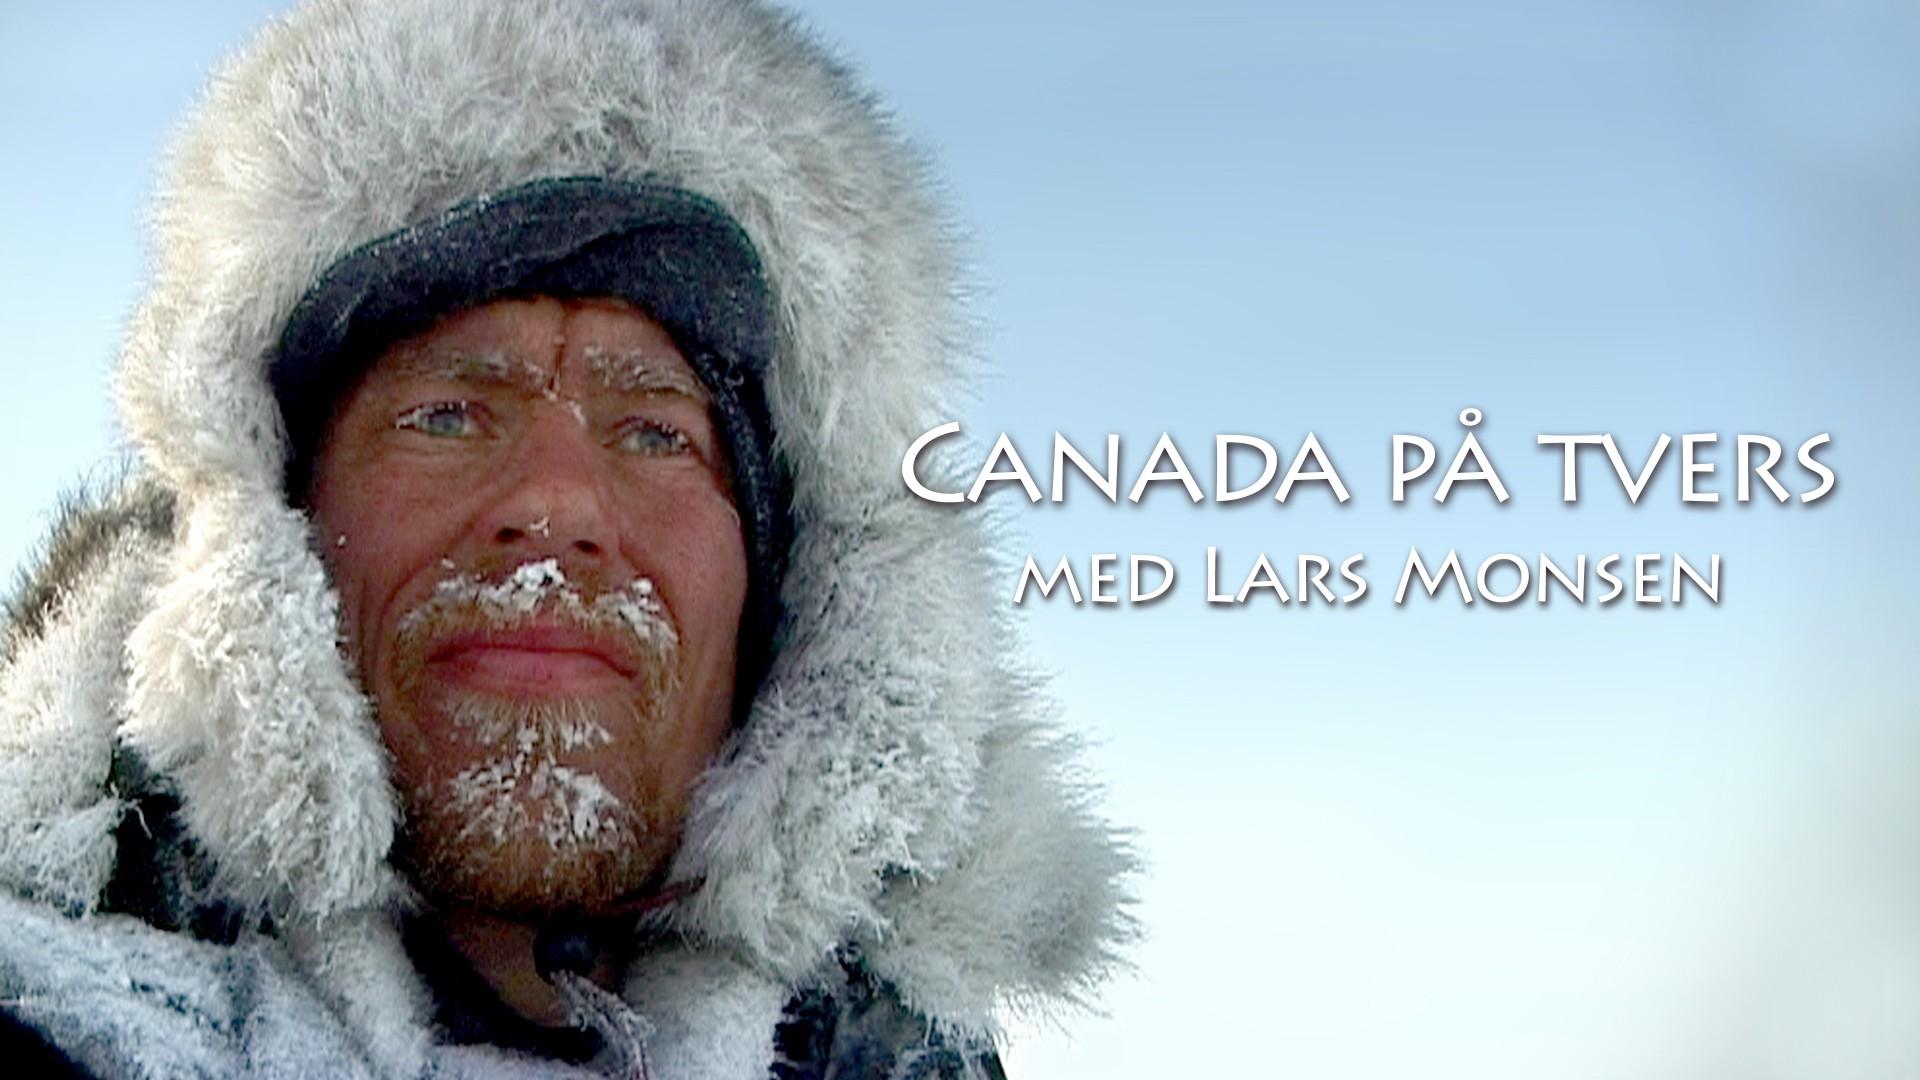 Lars Monsen Canada På Tvers